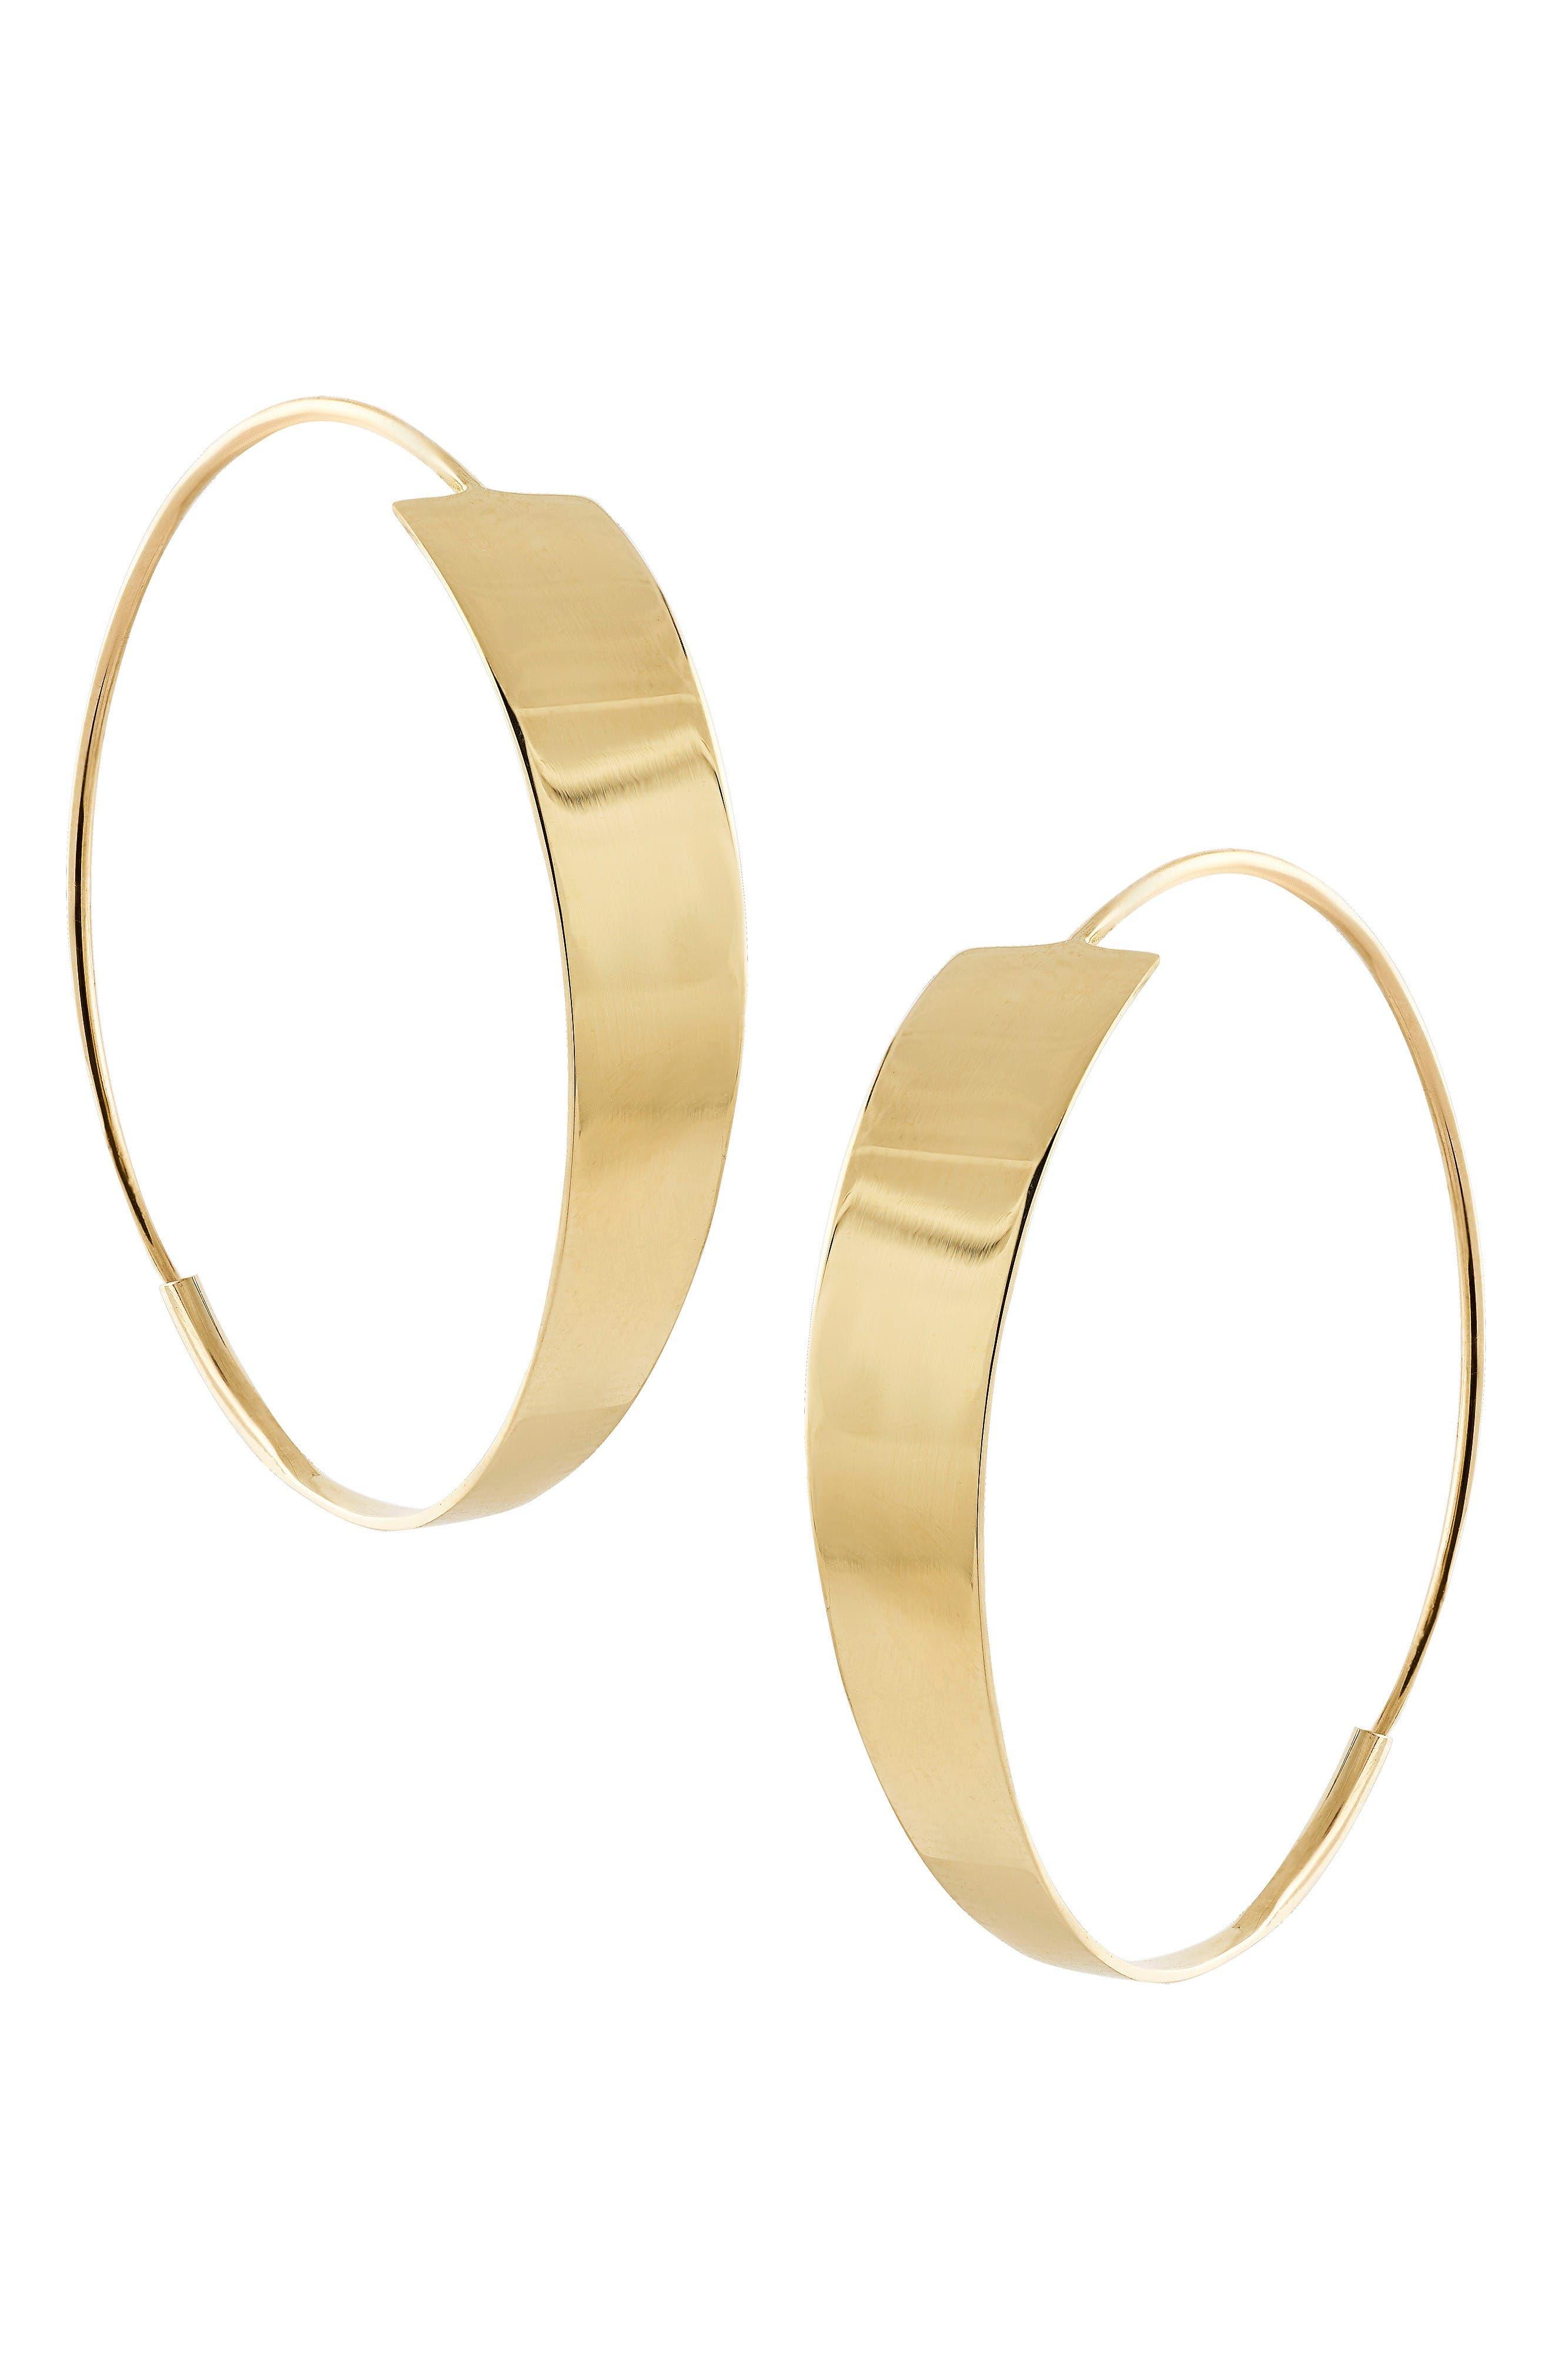 Main Image - Lana Jewelry Bond Small Magic Hoop Earrings